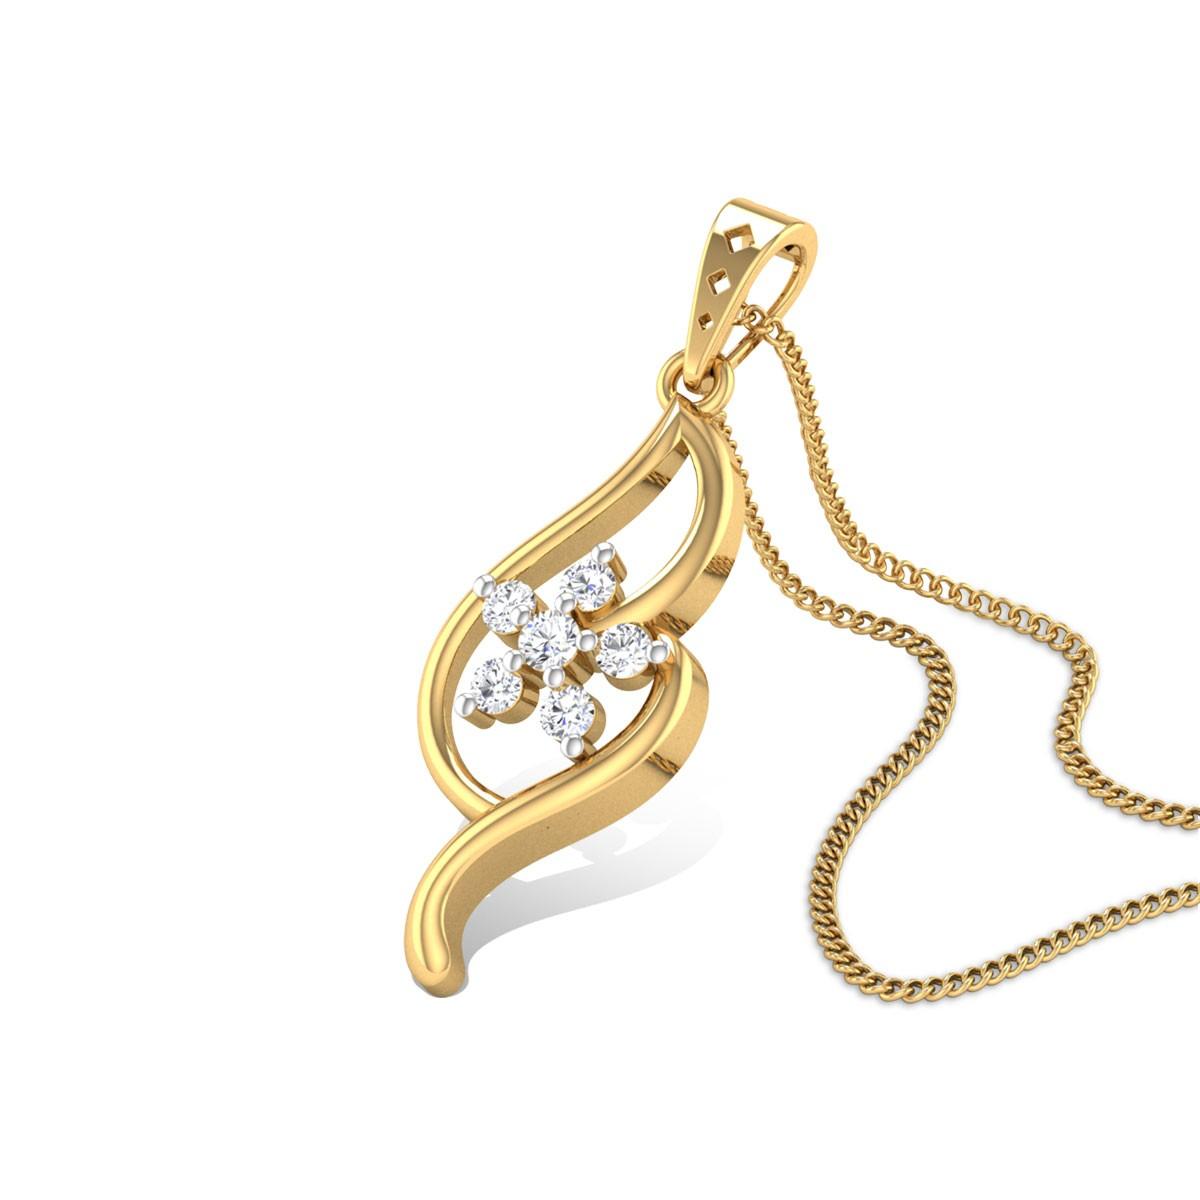 Sincerity Diamond Pendant